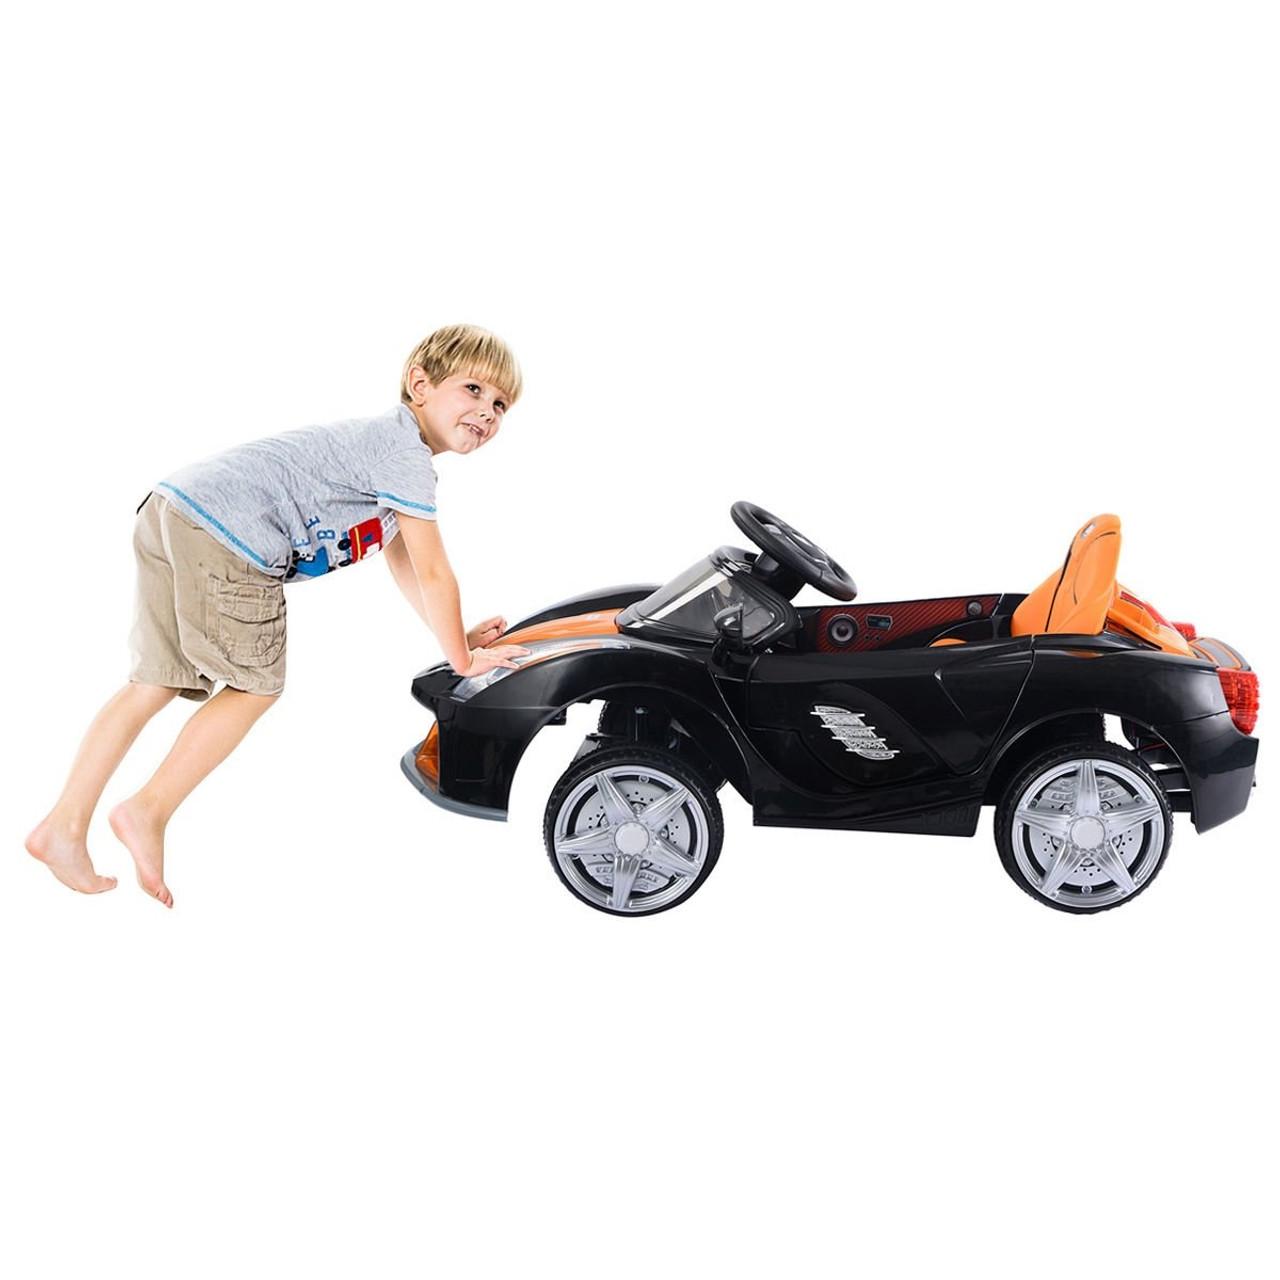 12v Rc Led Lights Battery Powered Kids Riding Car Black Ty324109bk